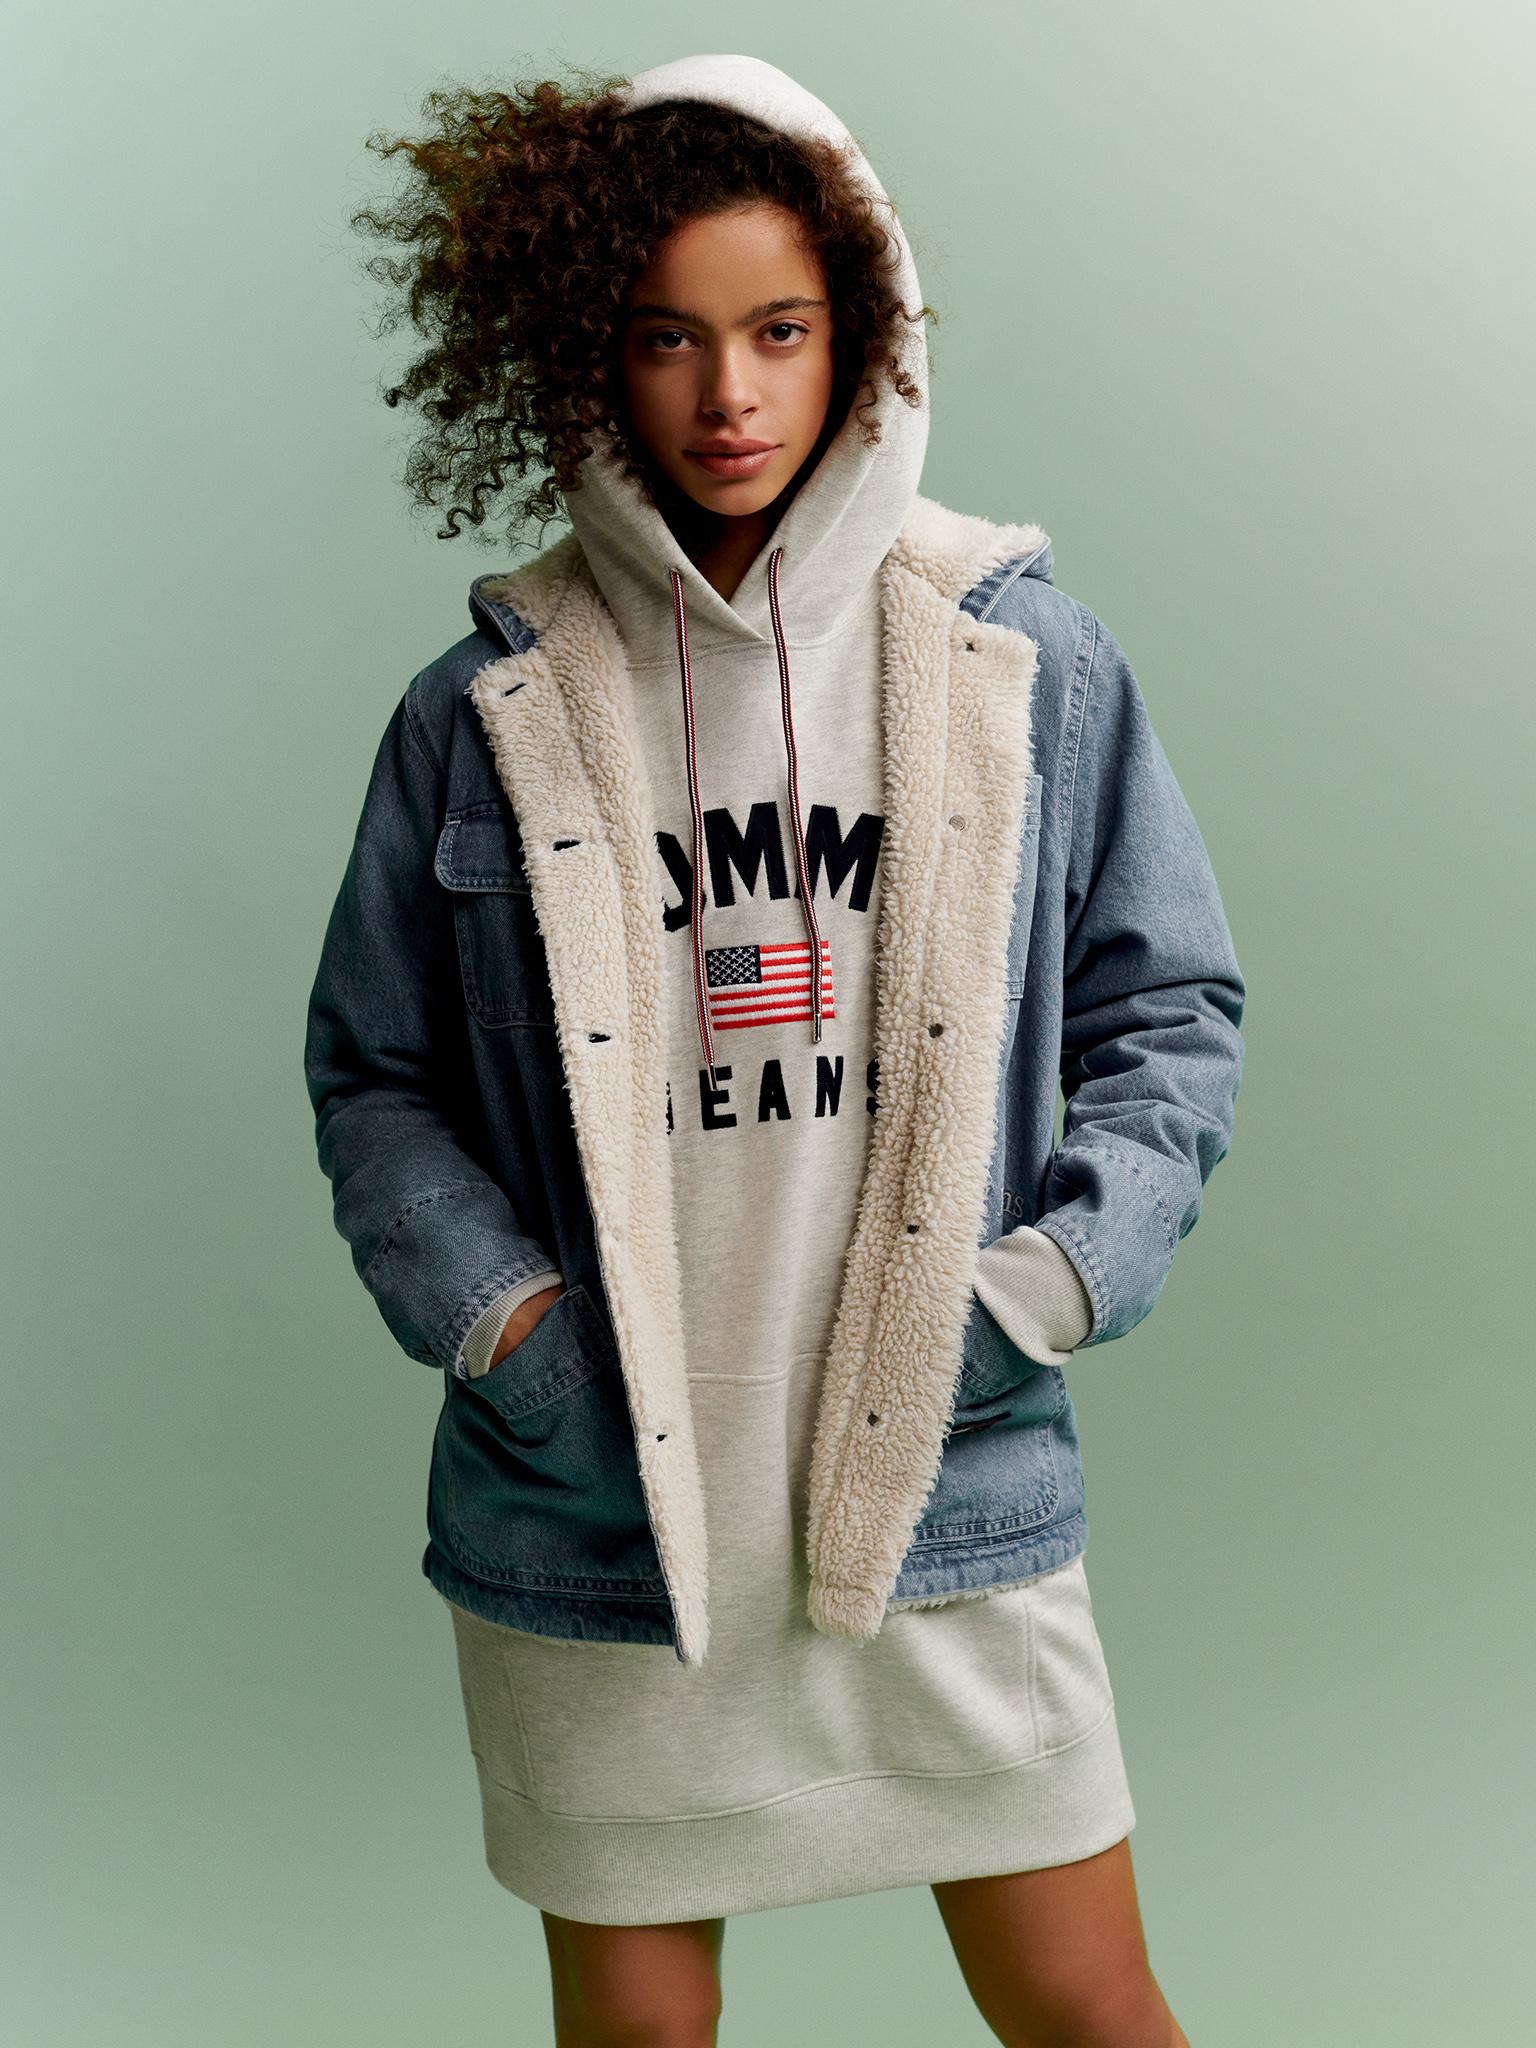 TH_Fall2019_TommyJeans_Lookbook_Look_13.jpg